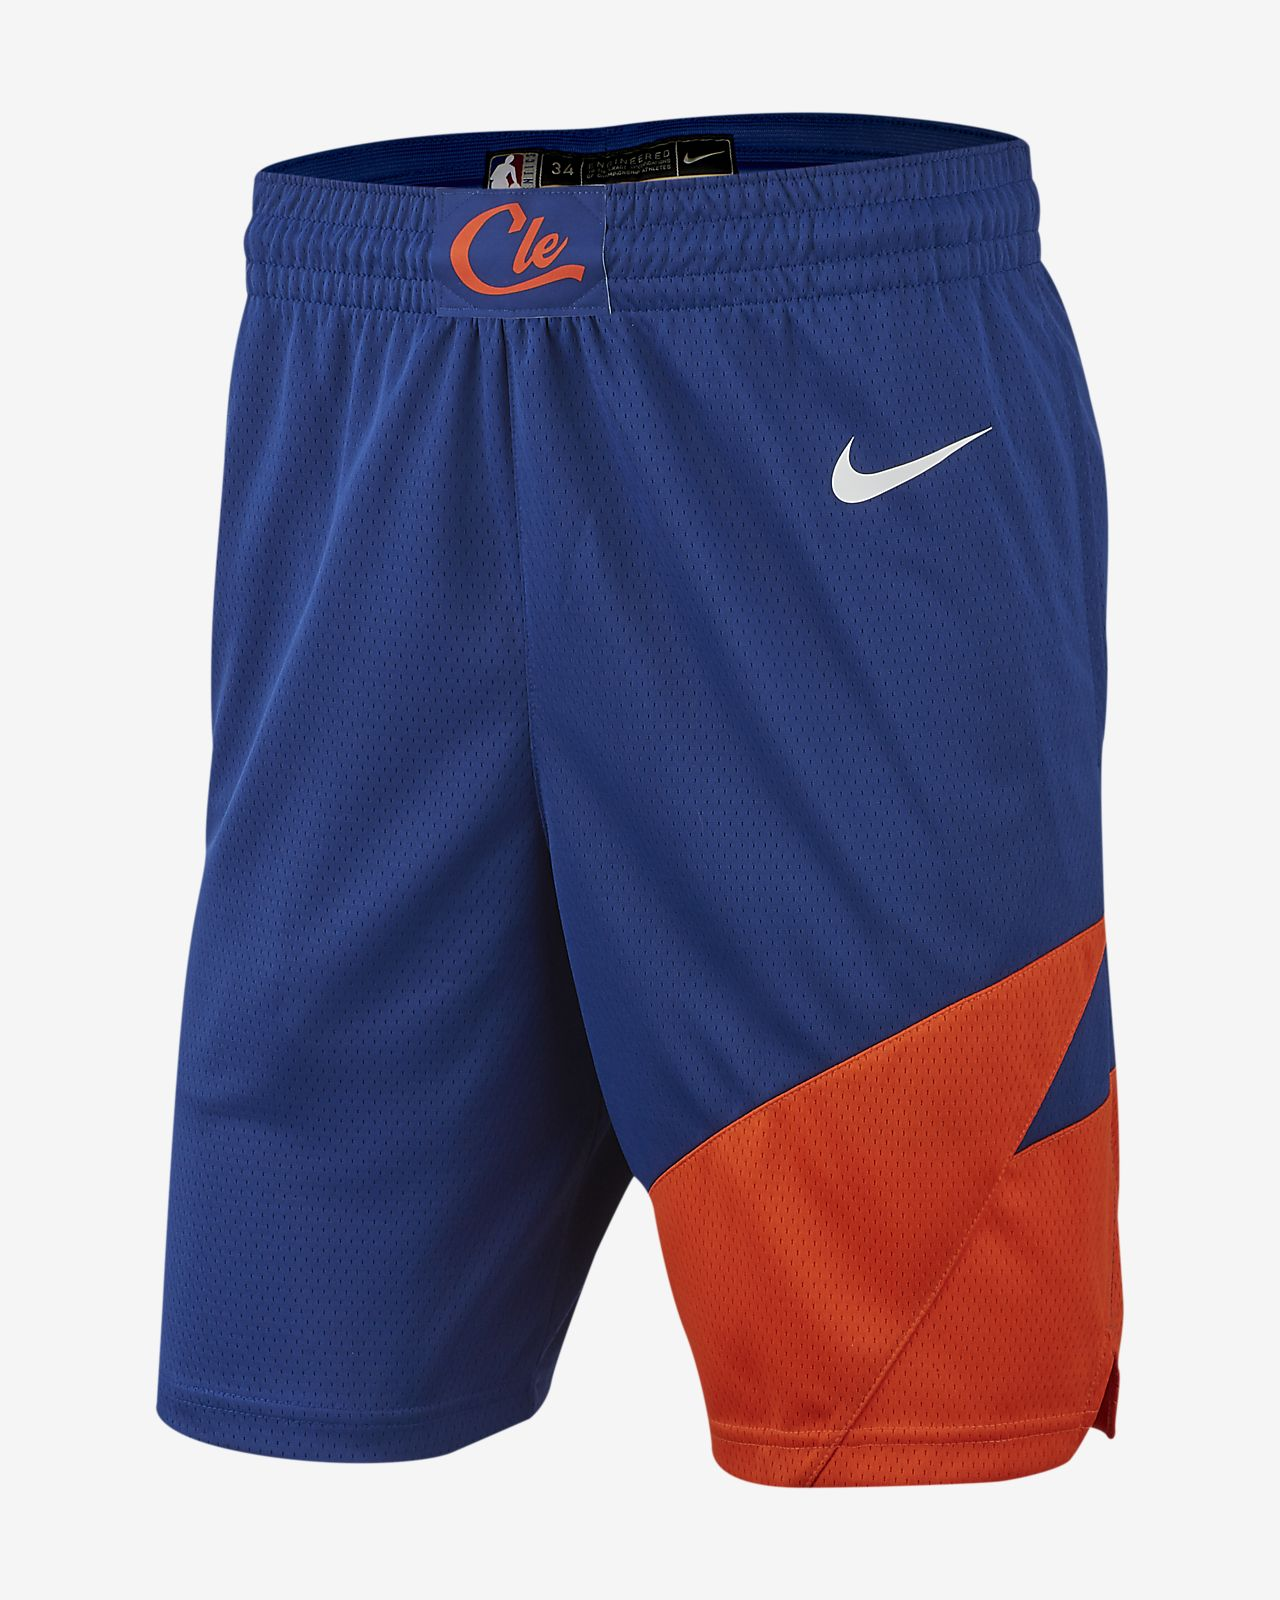 Calções NBA Nike Cleveland Cavaliers City Edition Swingman para homem